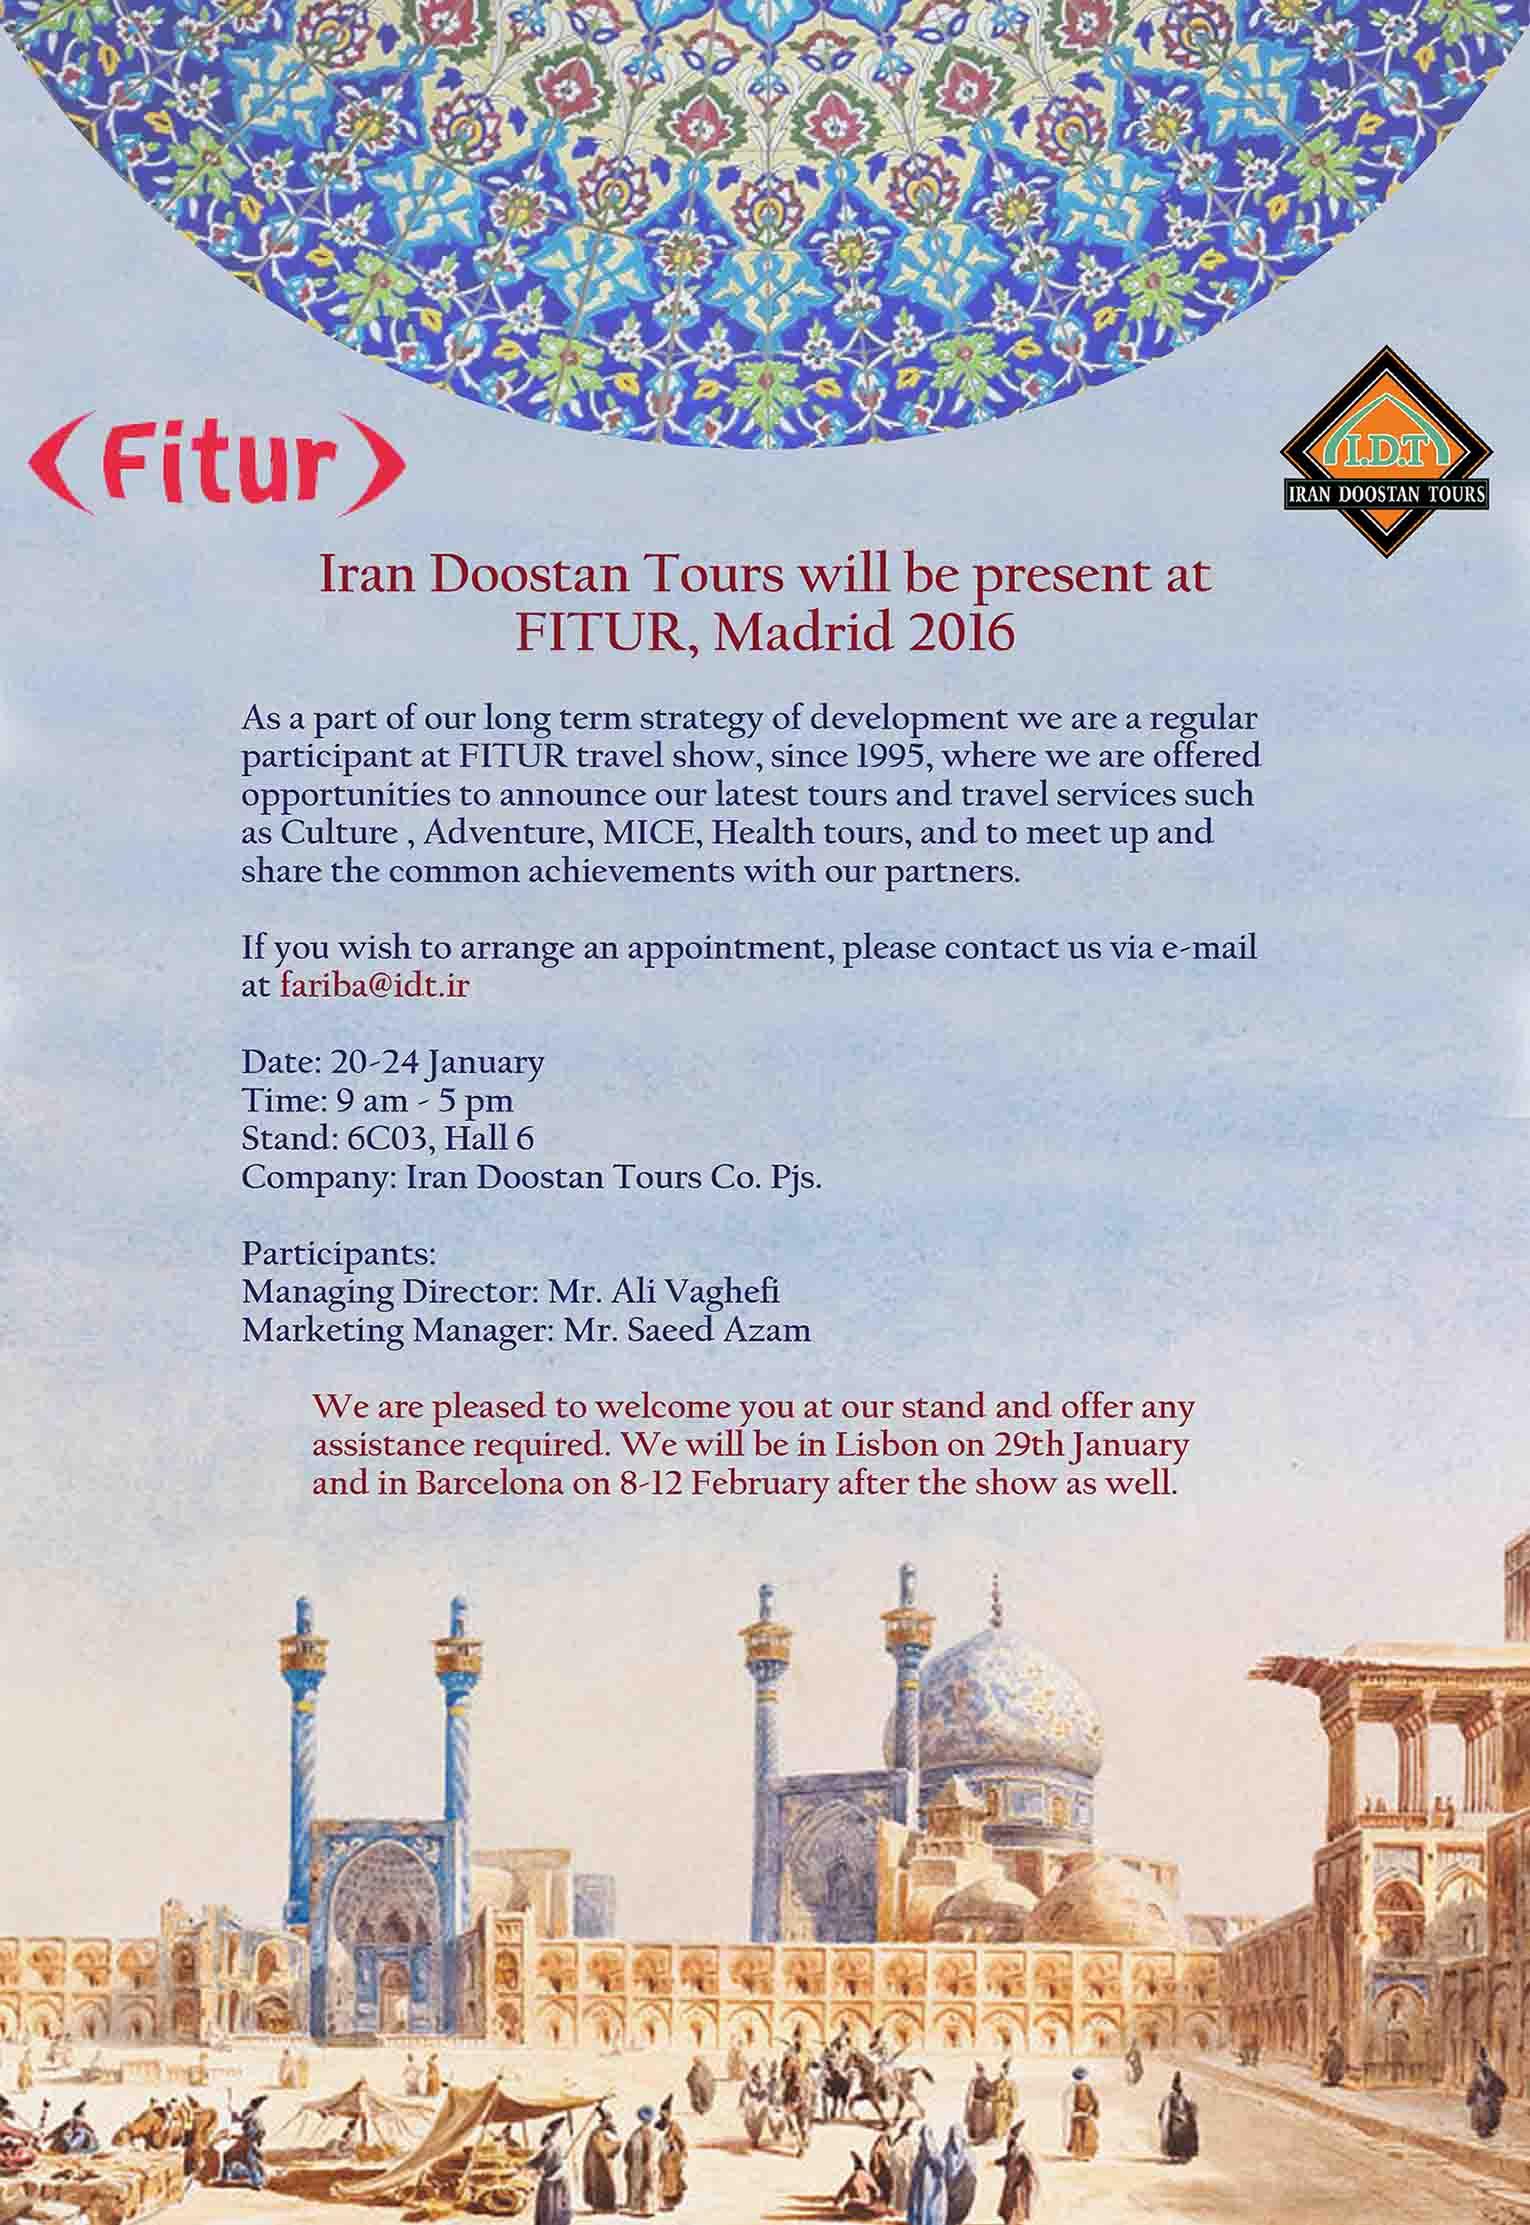 Tours to Iran-FITUR 2016